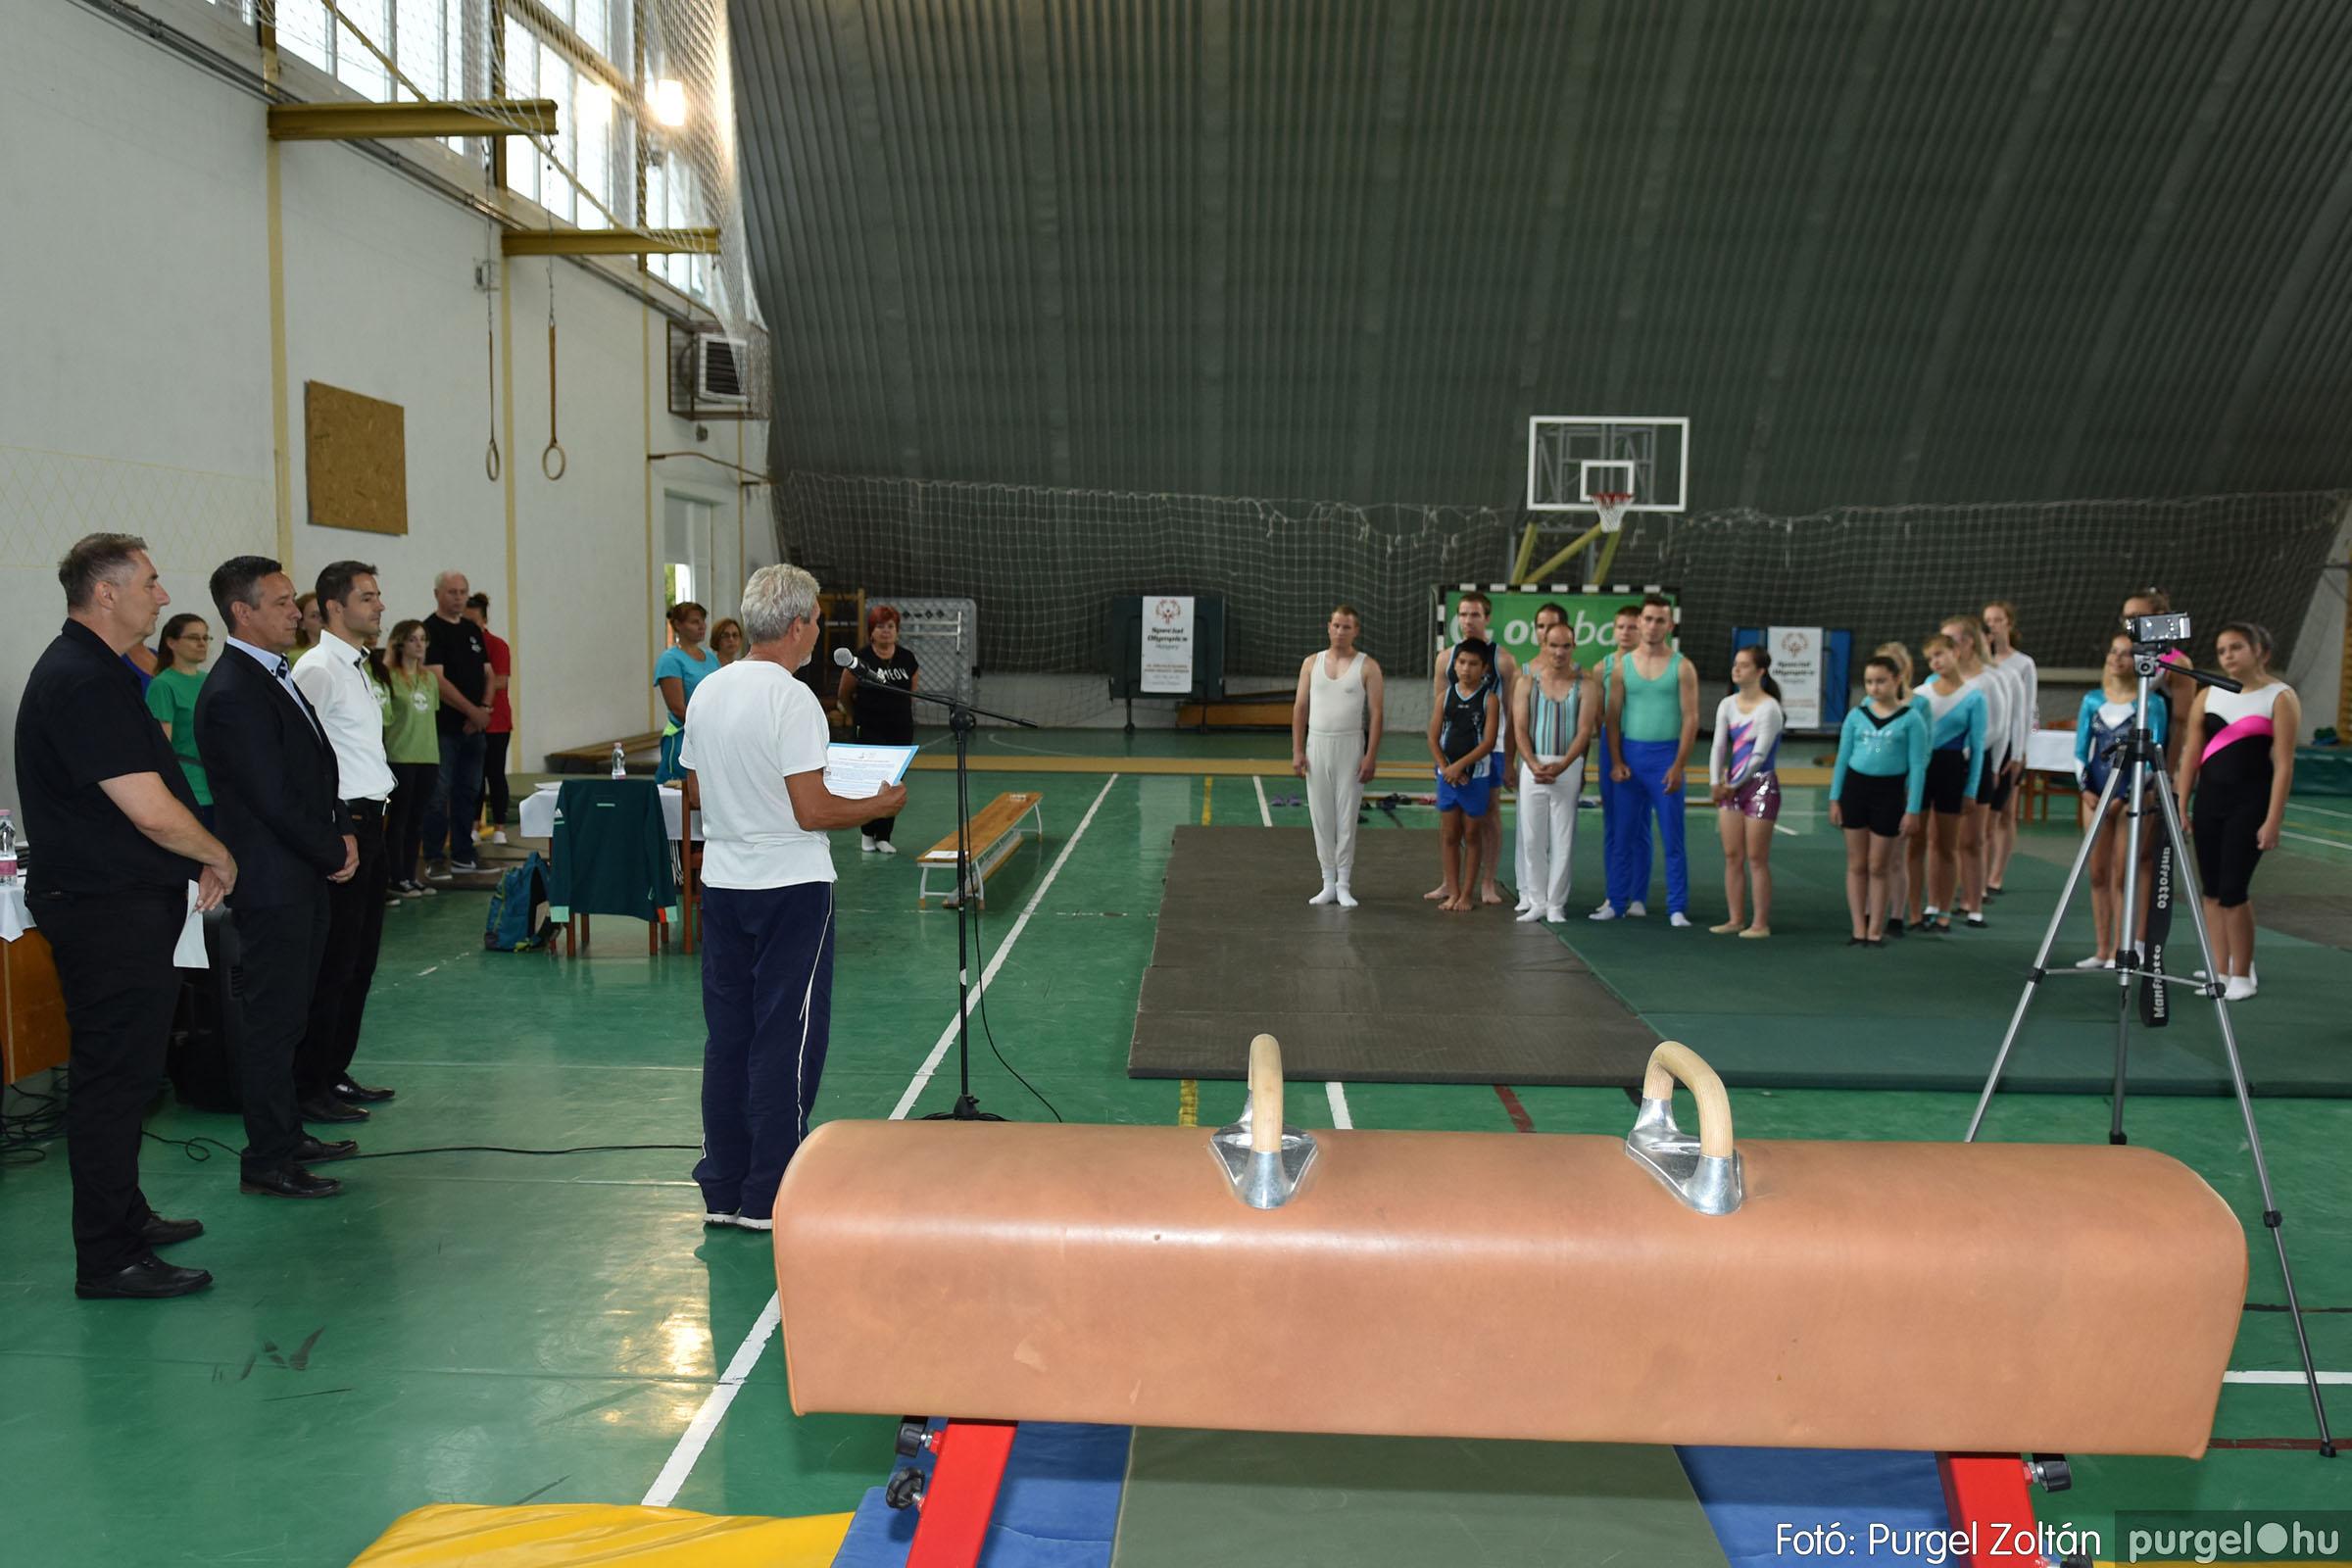 2021.08.27. 009 VII. Speciális Olimpia Nyári Nemzeti Játékok szegvári megnyitója.jpg